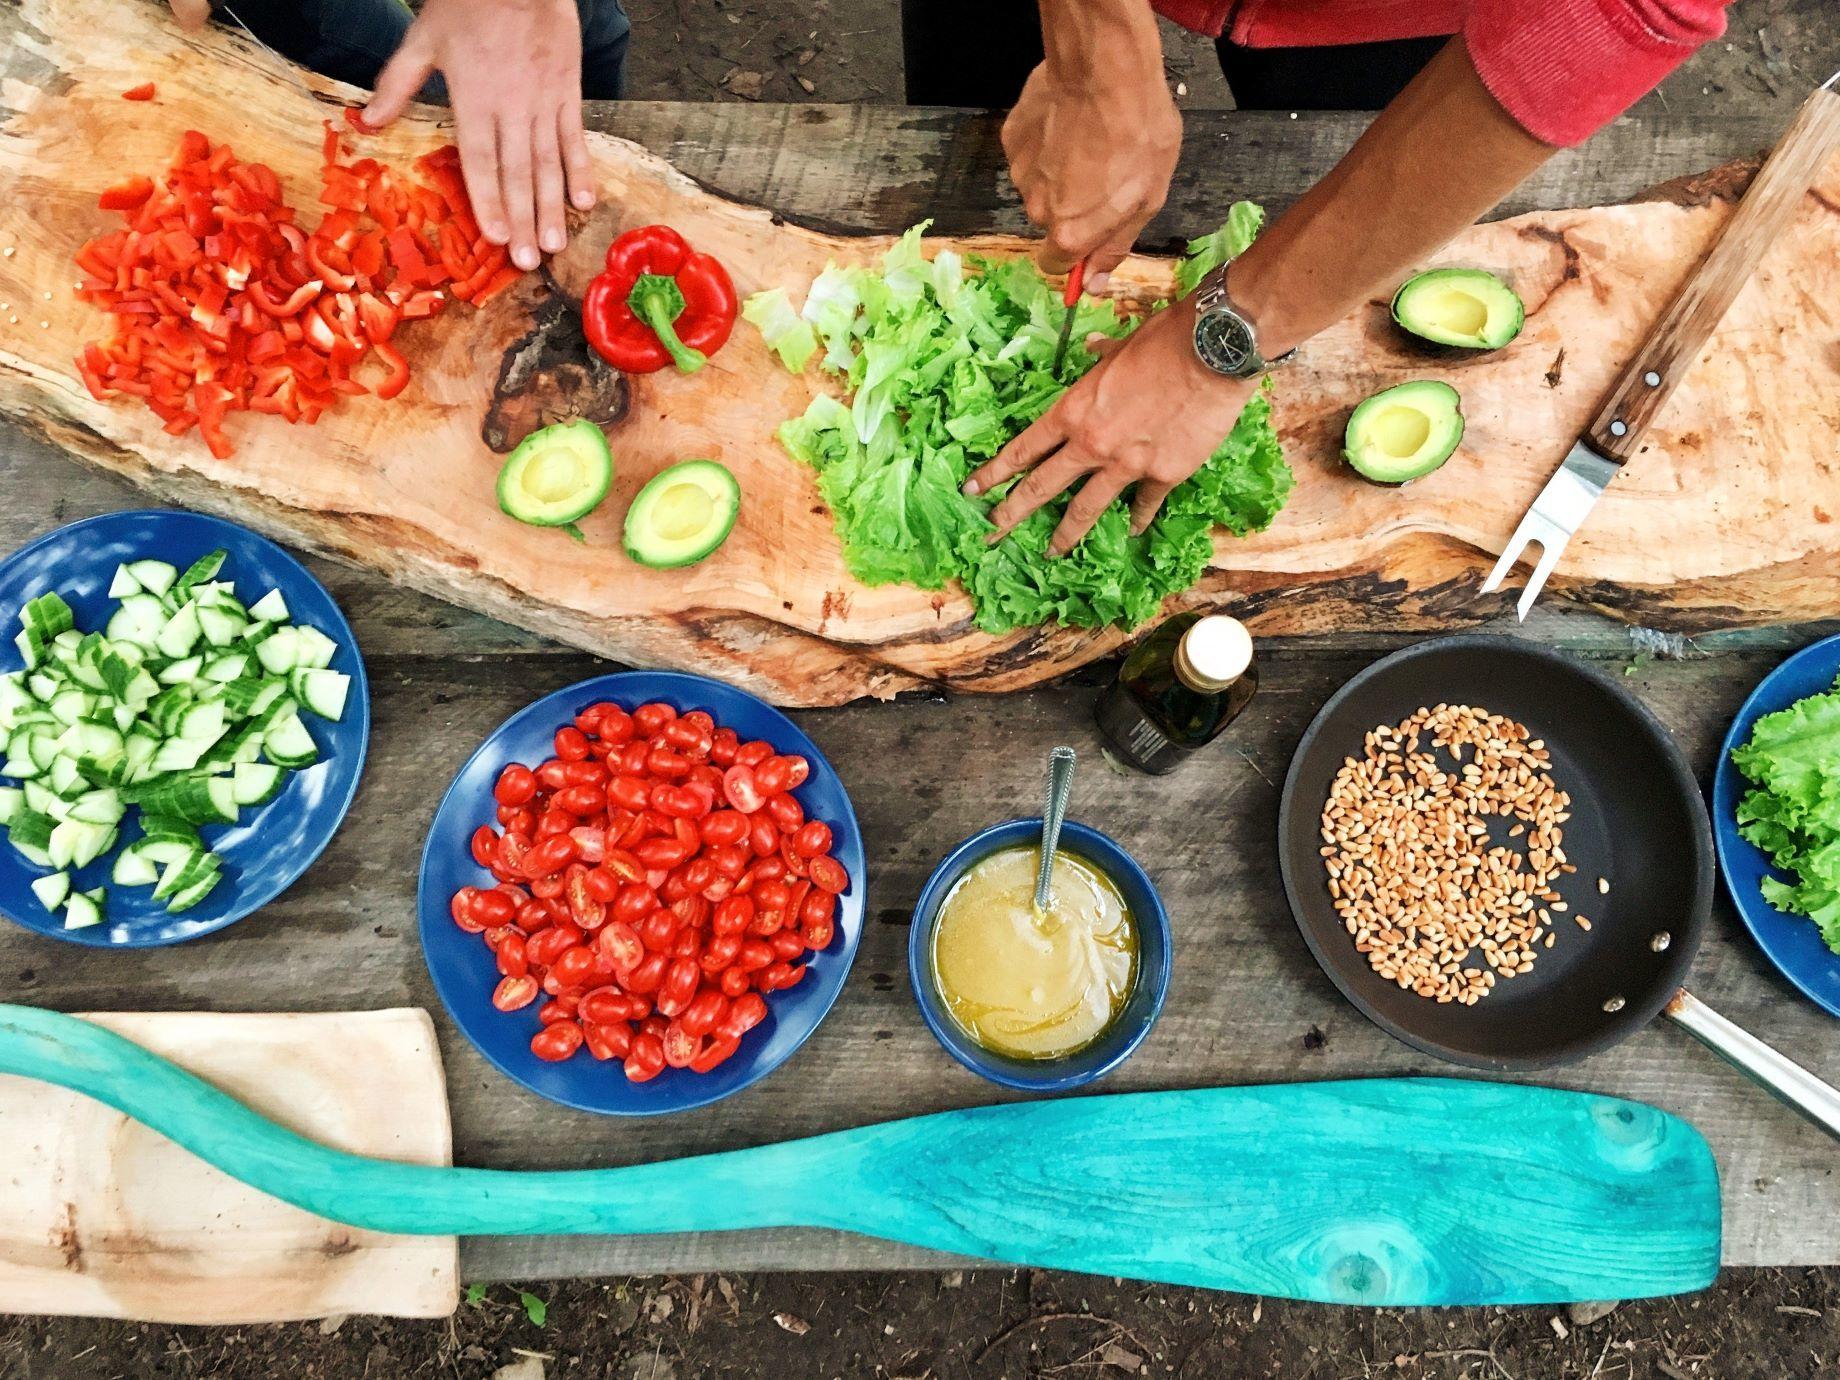 還在煩惱減肥怎麼吃?「七週簡易減重法」選對食物,無壓力免挨餓成功甩0.5公斤